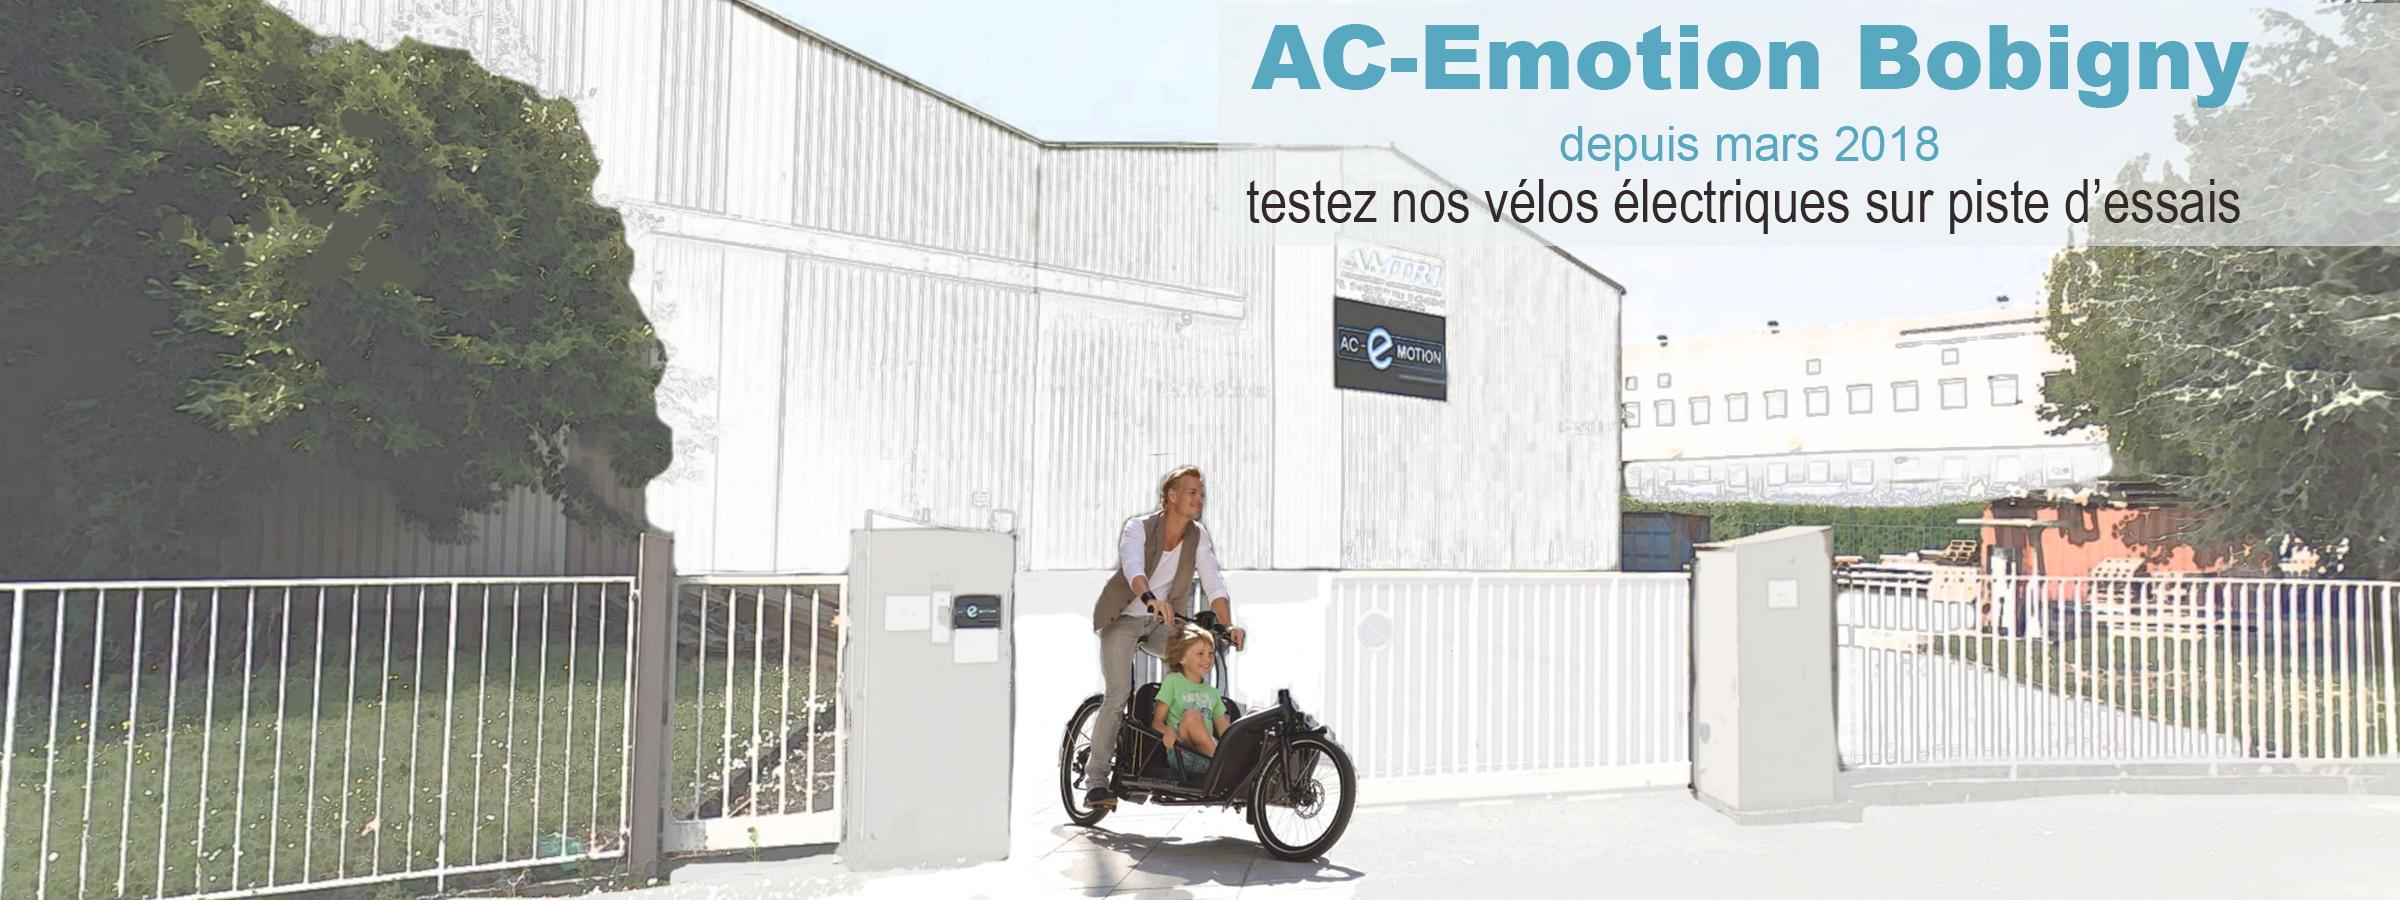 AC-Emotion à Bobigny (93), c'est un nouvel espace d'exposition et une piste d'essais dédiés à la mobilité : vélo électrique et scooter électrique